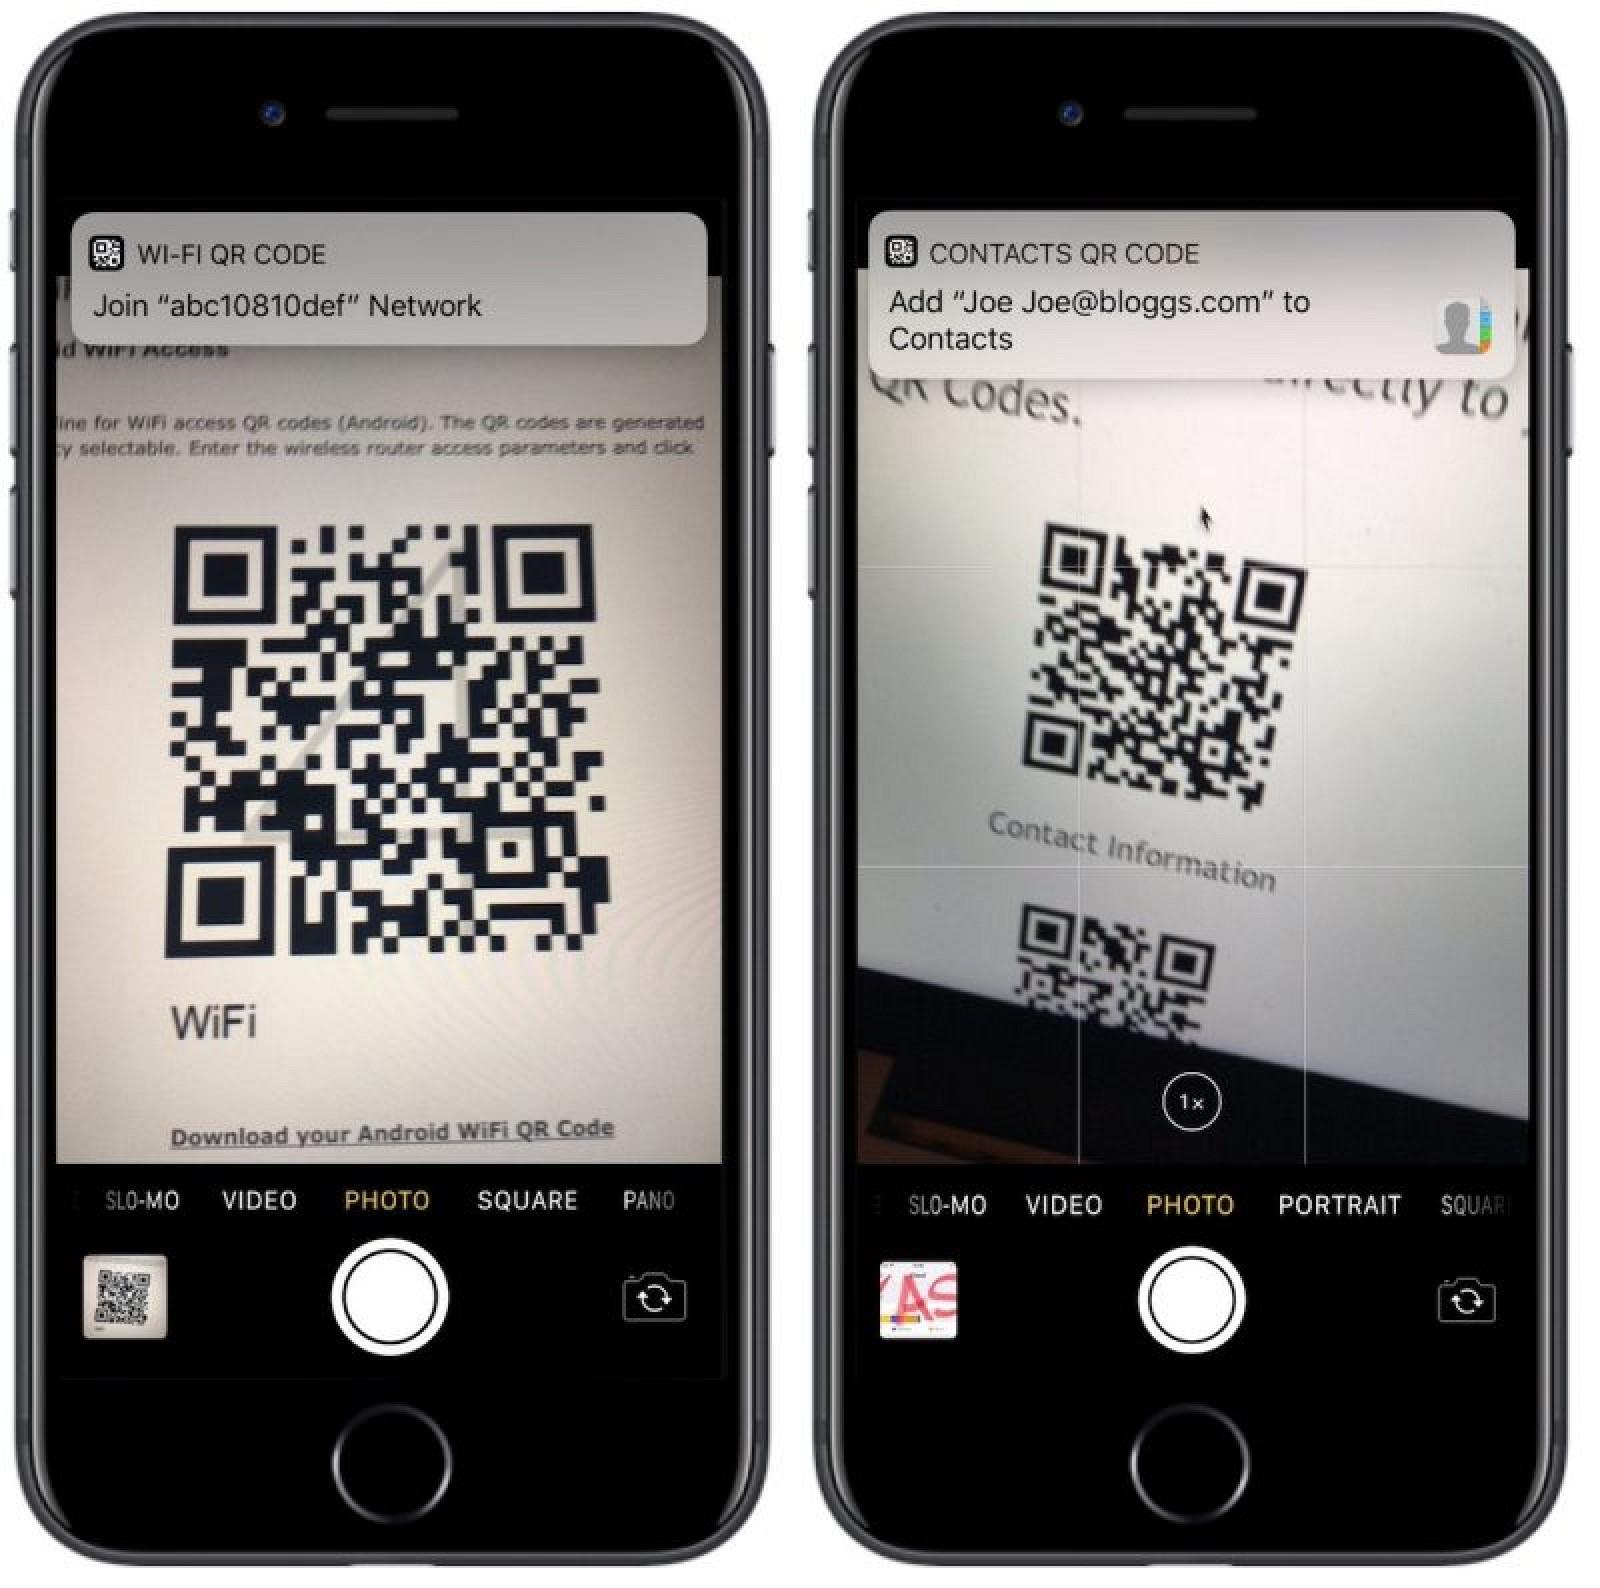 iOS 11 automatic setup